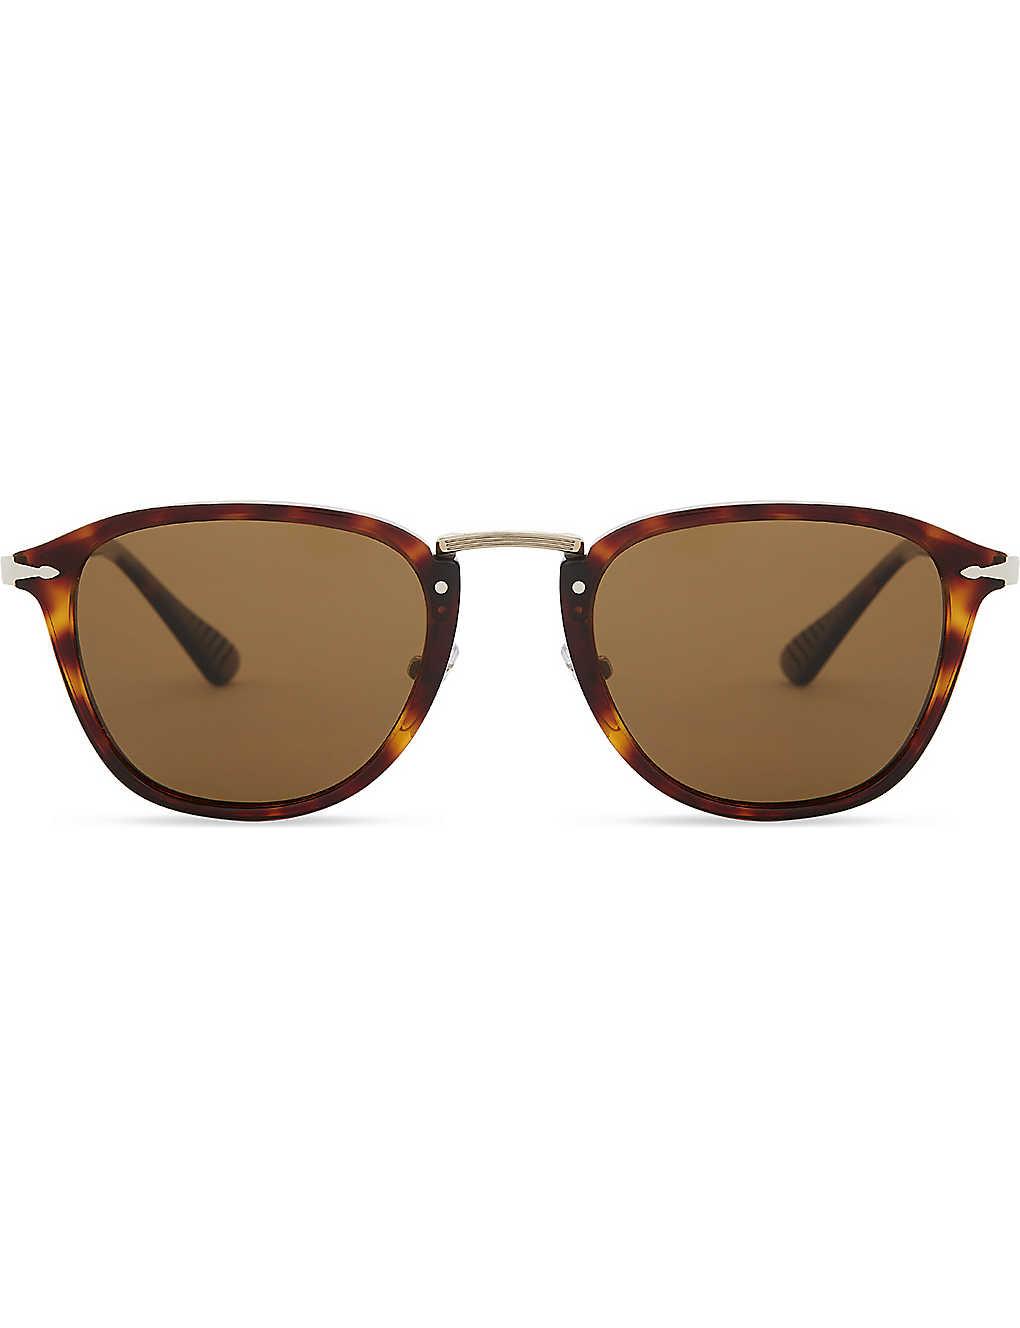 5e37dcec5b PERSOL - Calligrapher PO3165S polarised square-frames sunglasses ...